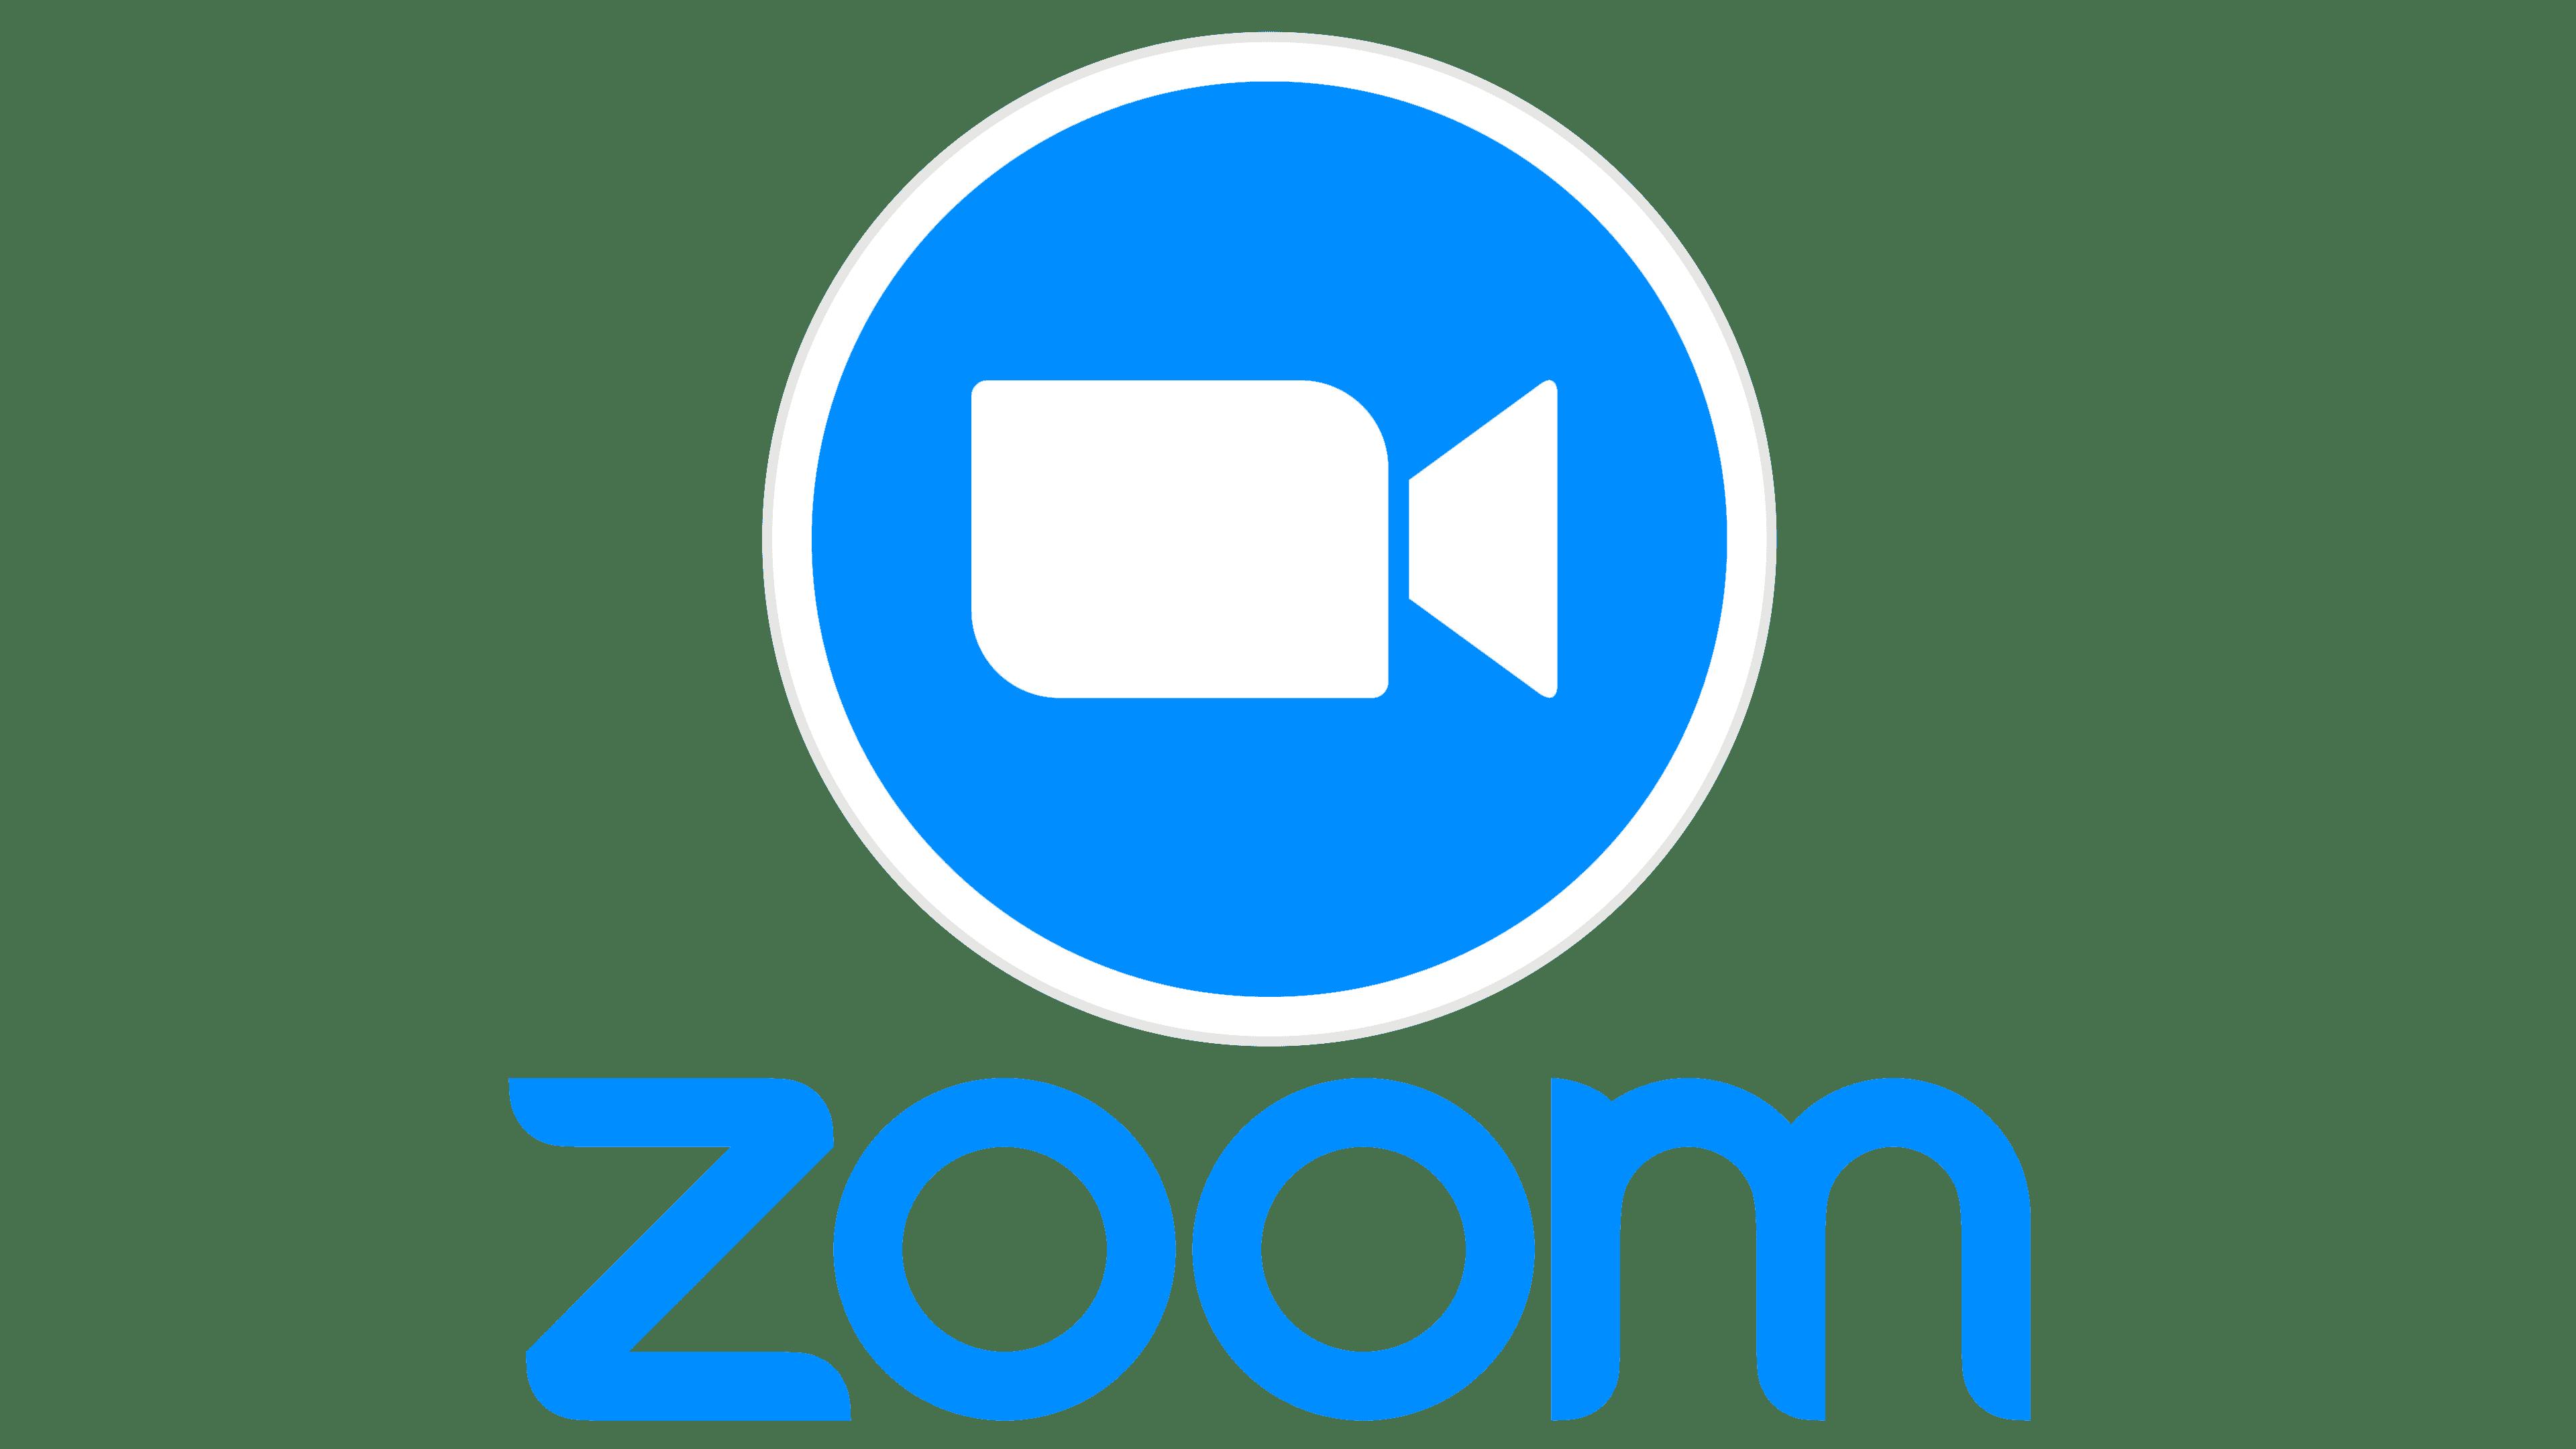 Zoom Logo | Significado, História e PNG